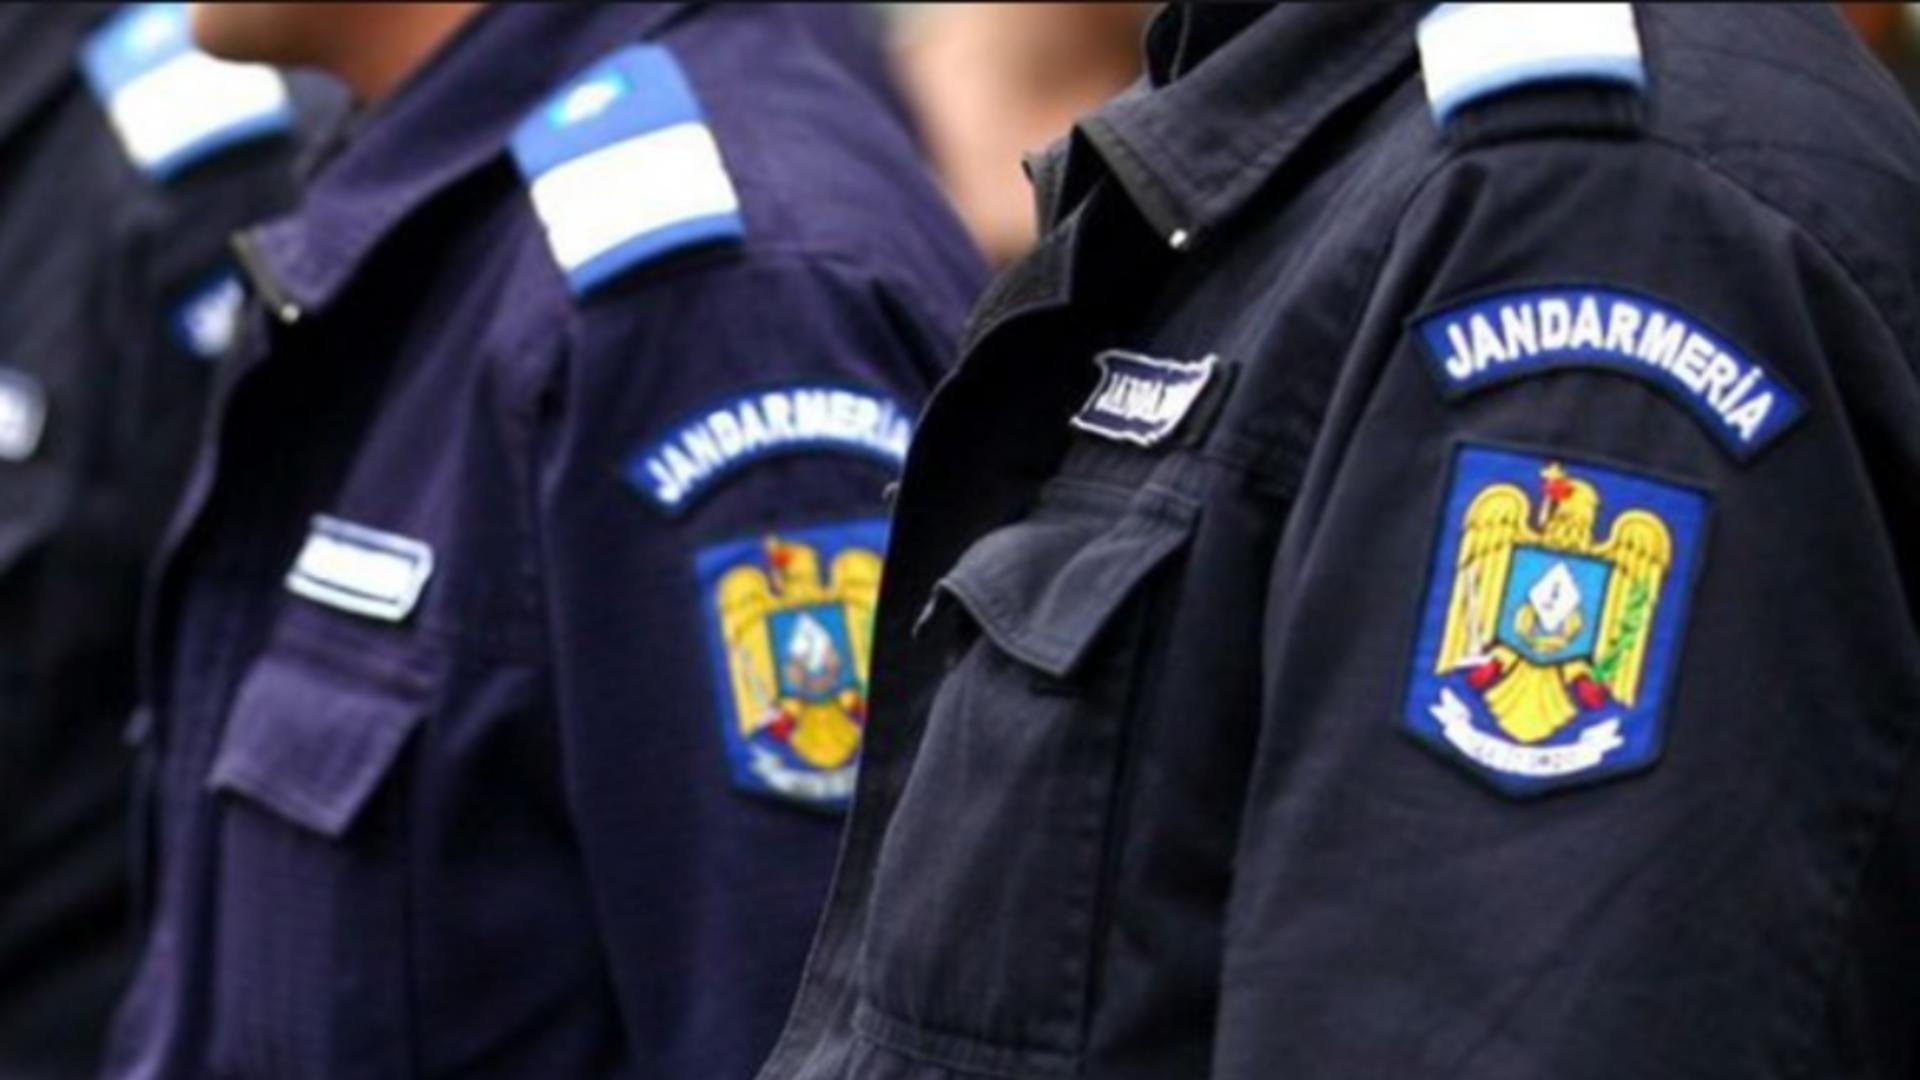 Jandarmi care dau amenzi fără mască